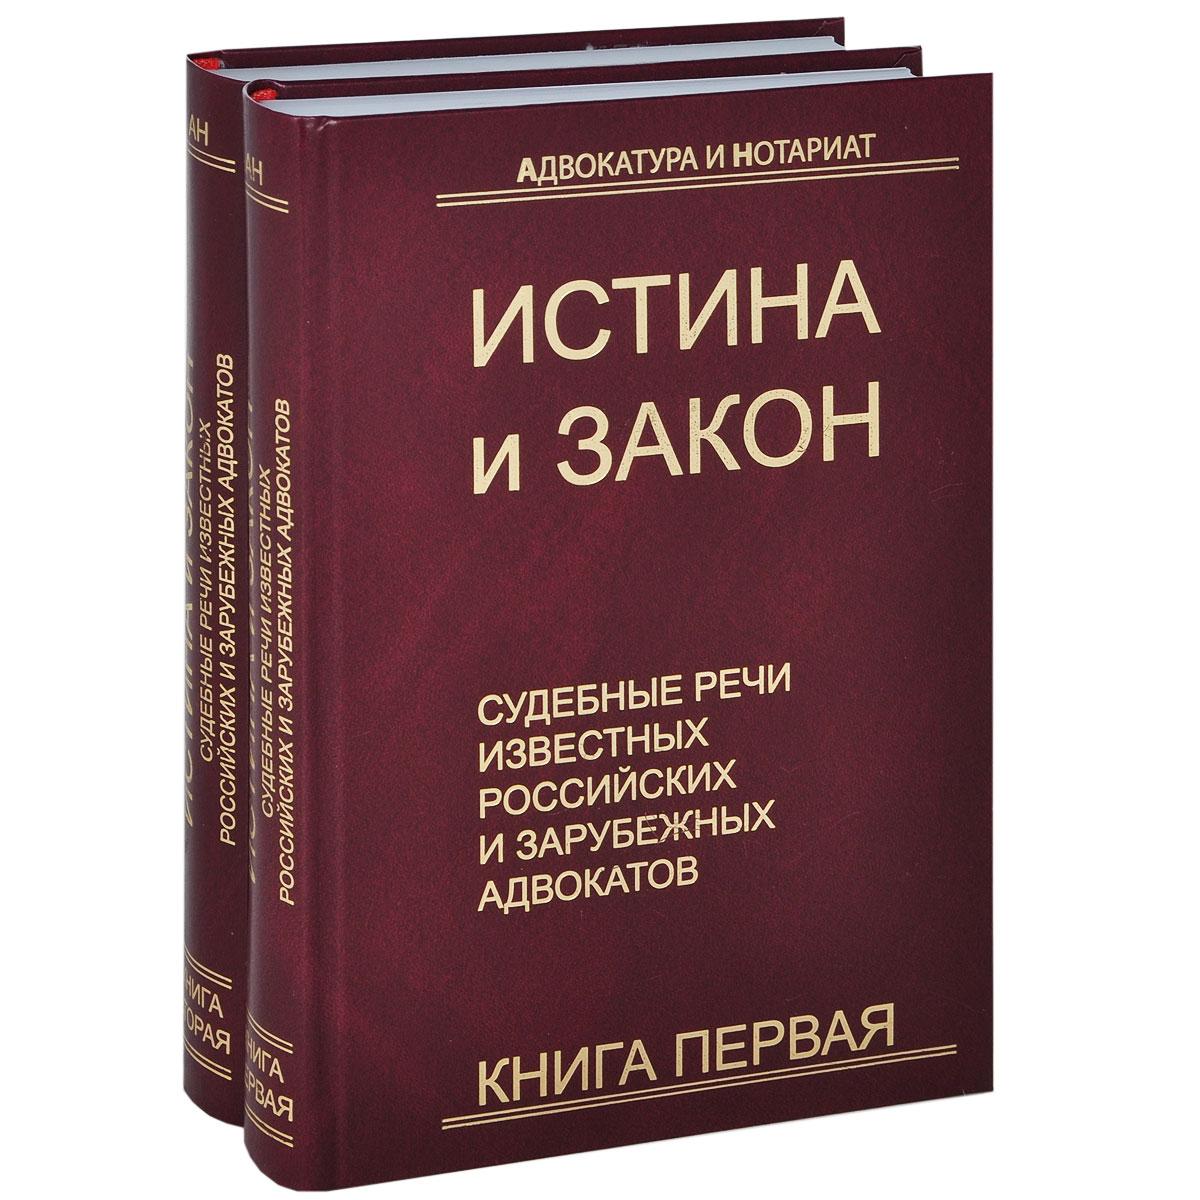 Истина и закон. Судебные речи известных российских и зарубежных адвокатов (комплект из 2 книг)